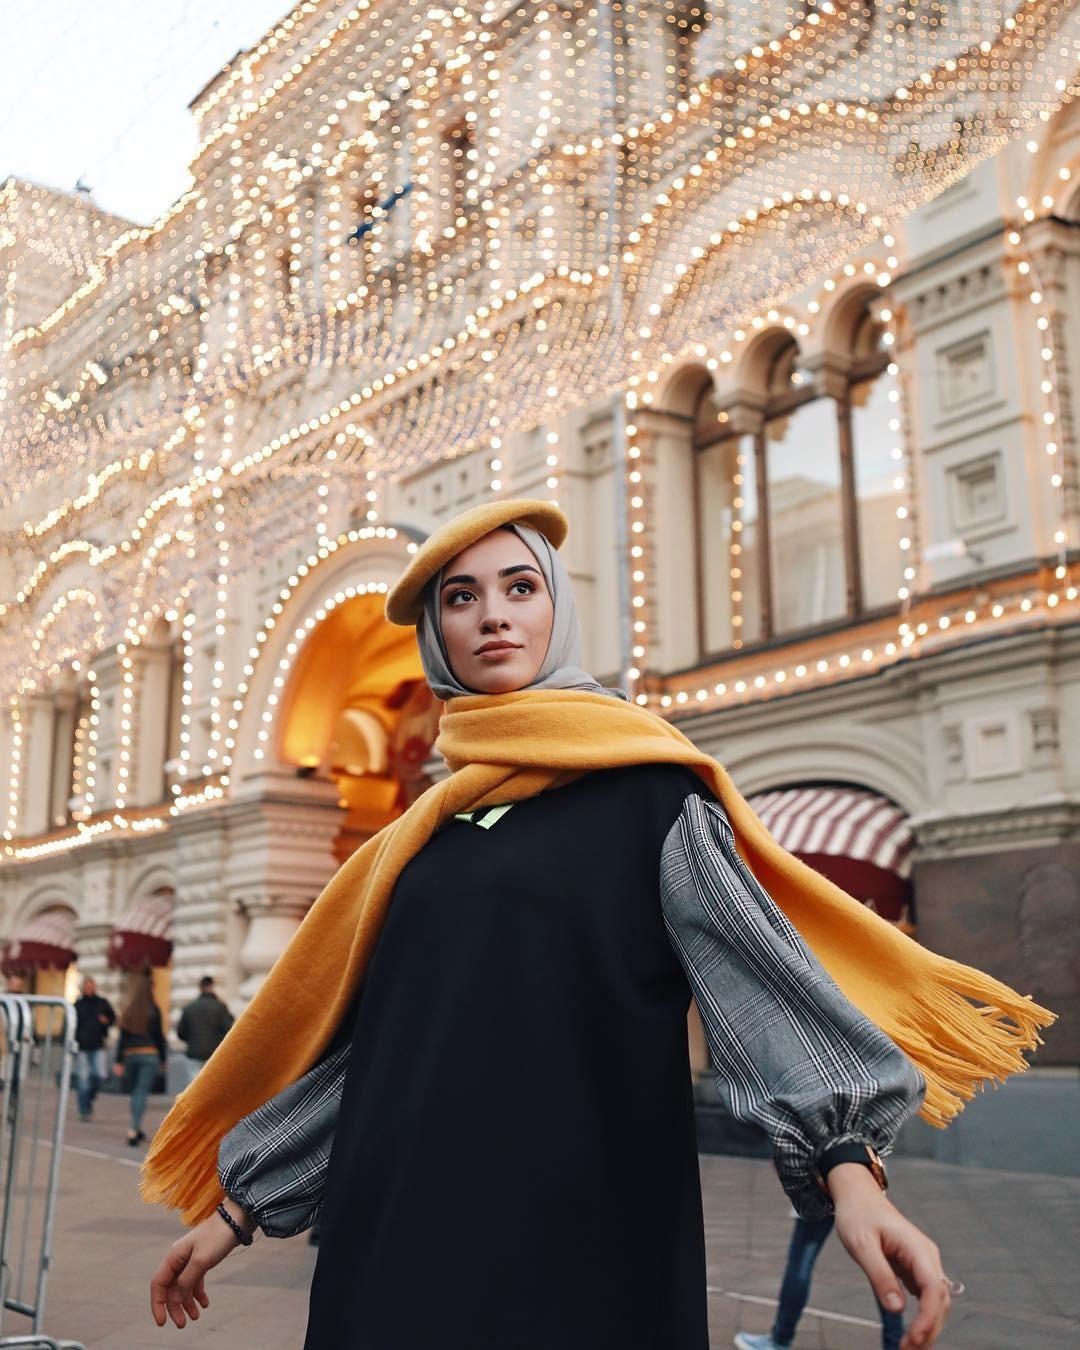 Дизайнеры стараются создавать одежду встиле «modest fashion» таким образом, чтобы она легко вписалась вгардероб любой современной девушки, выбирающей элегантность, скромность икомфорт....